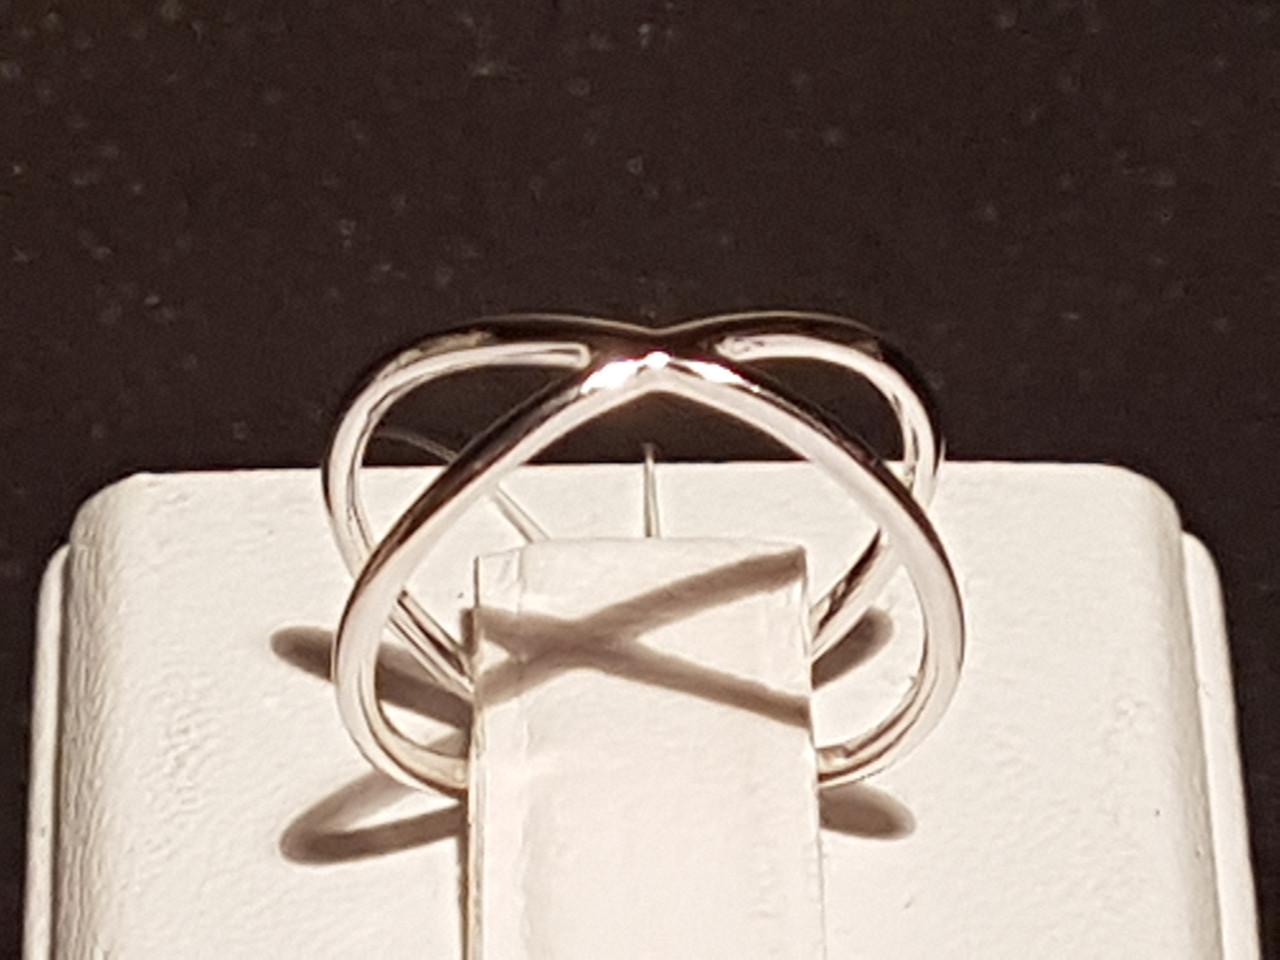 Серебряное кольцо. Артикул 901-00877 15,5